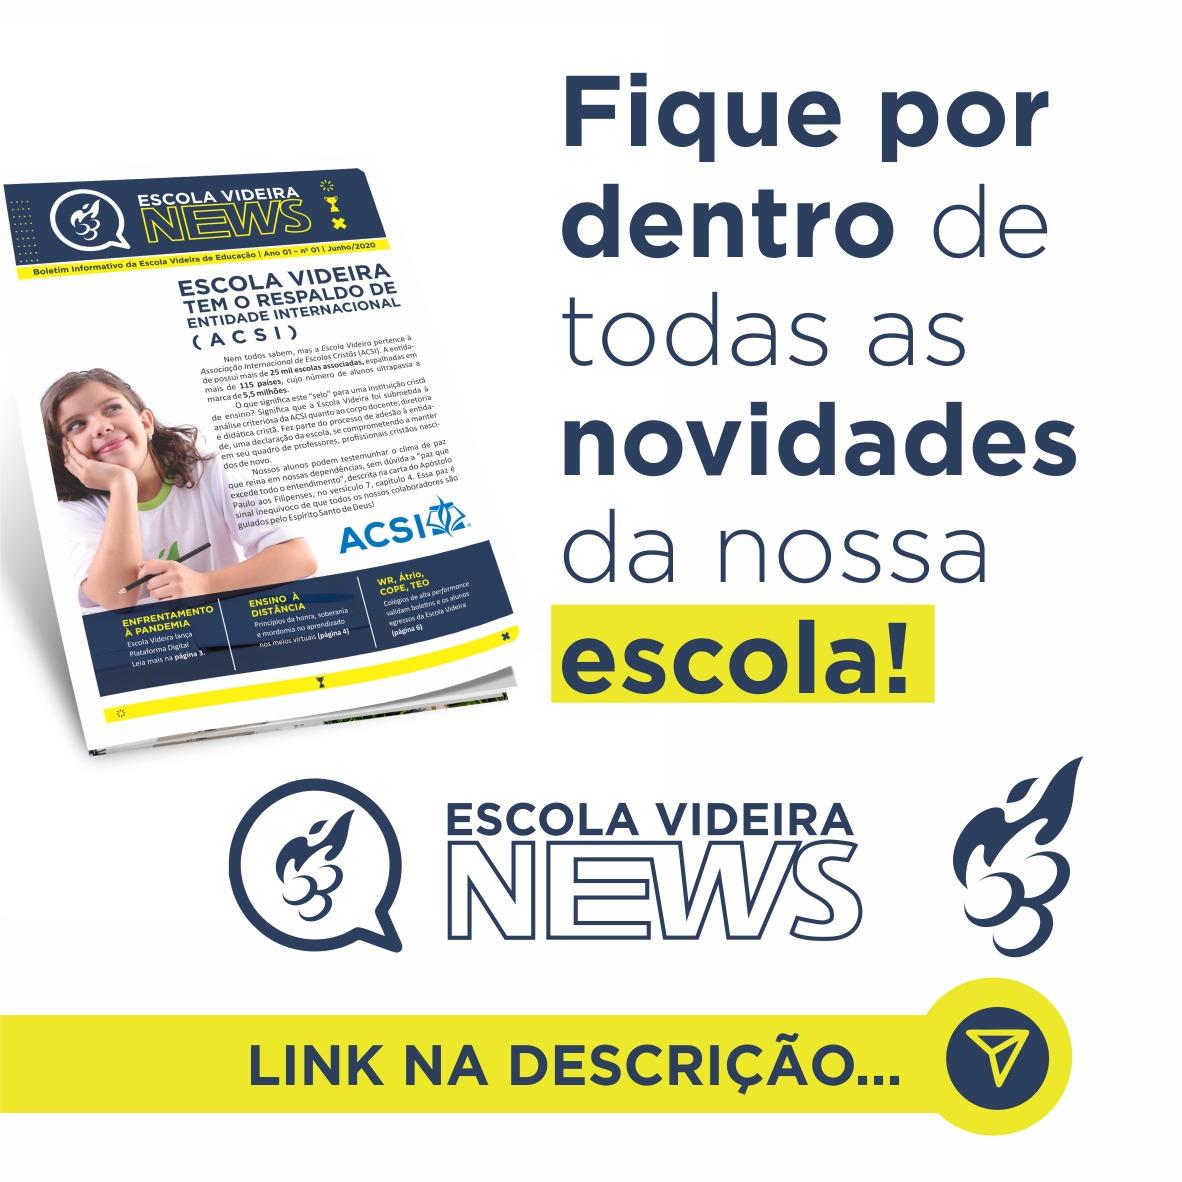 ESCOLA VIDEIRA NEWS